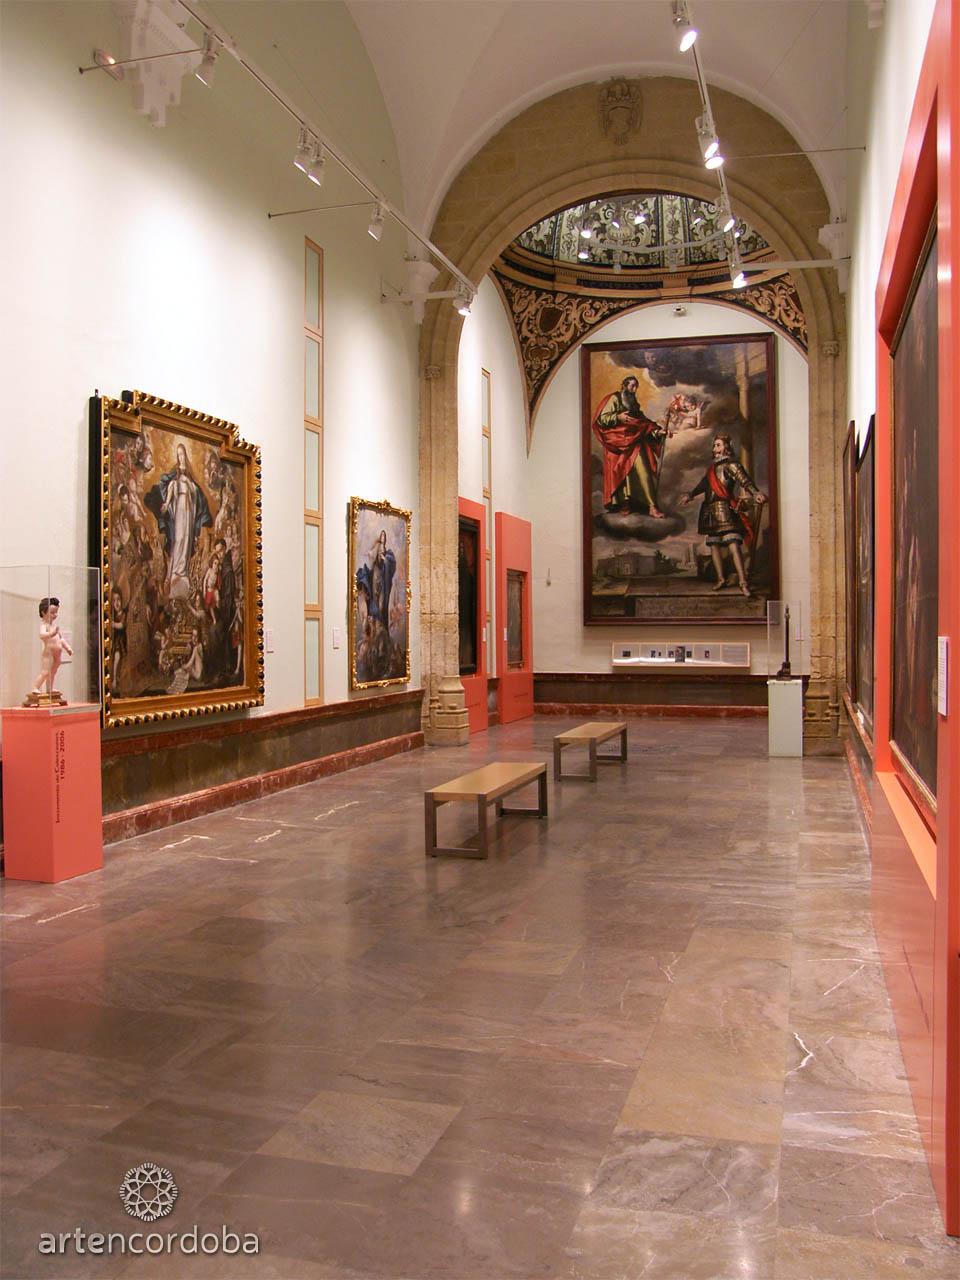 Sala 'Arte Barroco Cordobés' en el Museo de Bellas Artes de Córdoba